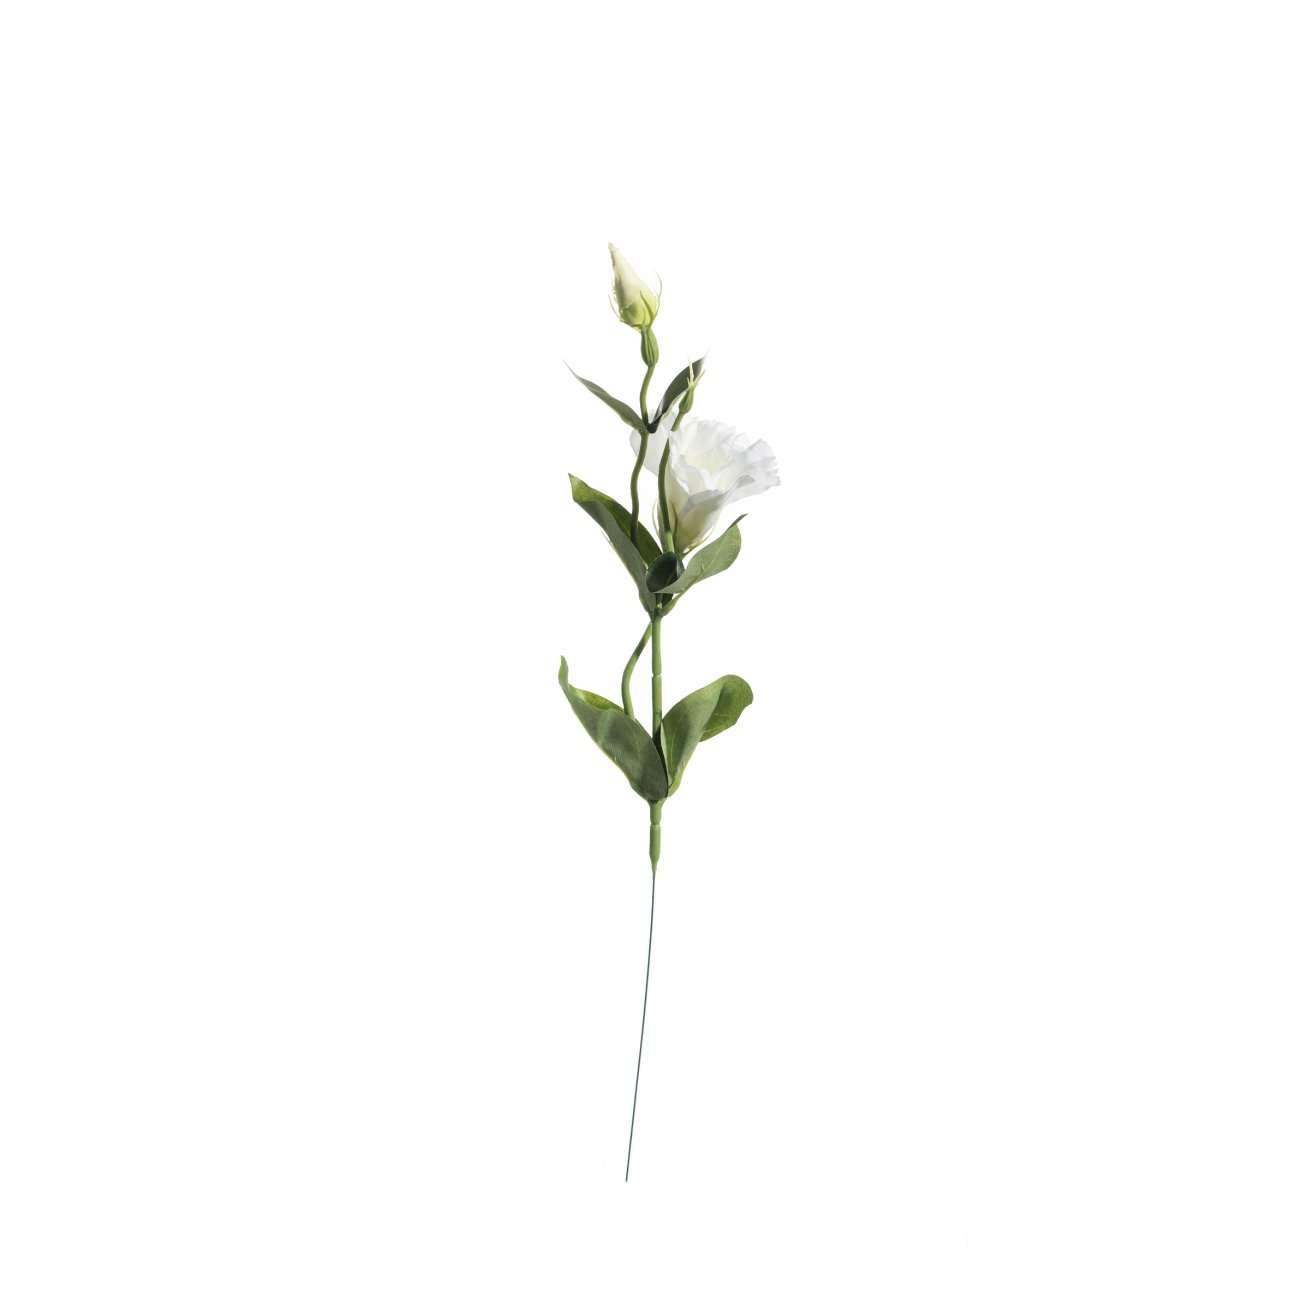 Kunstblume Eustoma 48cm, 14 × 8 × 48 cm   Dekoration > Dekopflanzen > Kunstpflanzen   Weiß - Grün   Kunststoff - Stoff - Metall   Dekoria